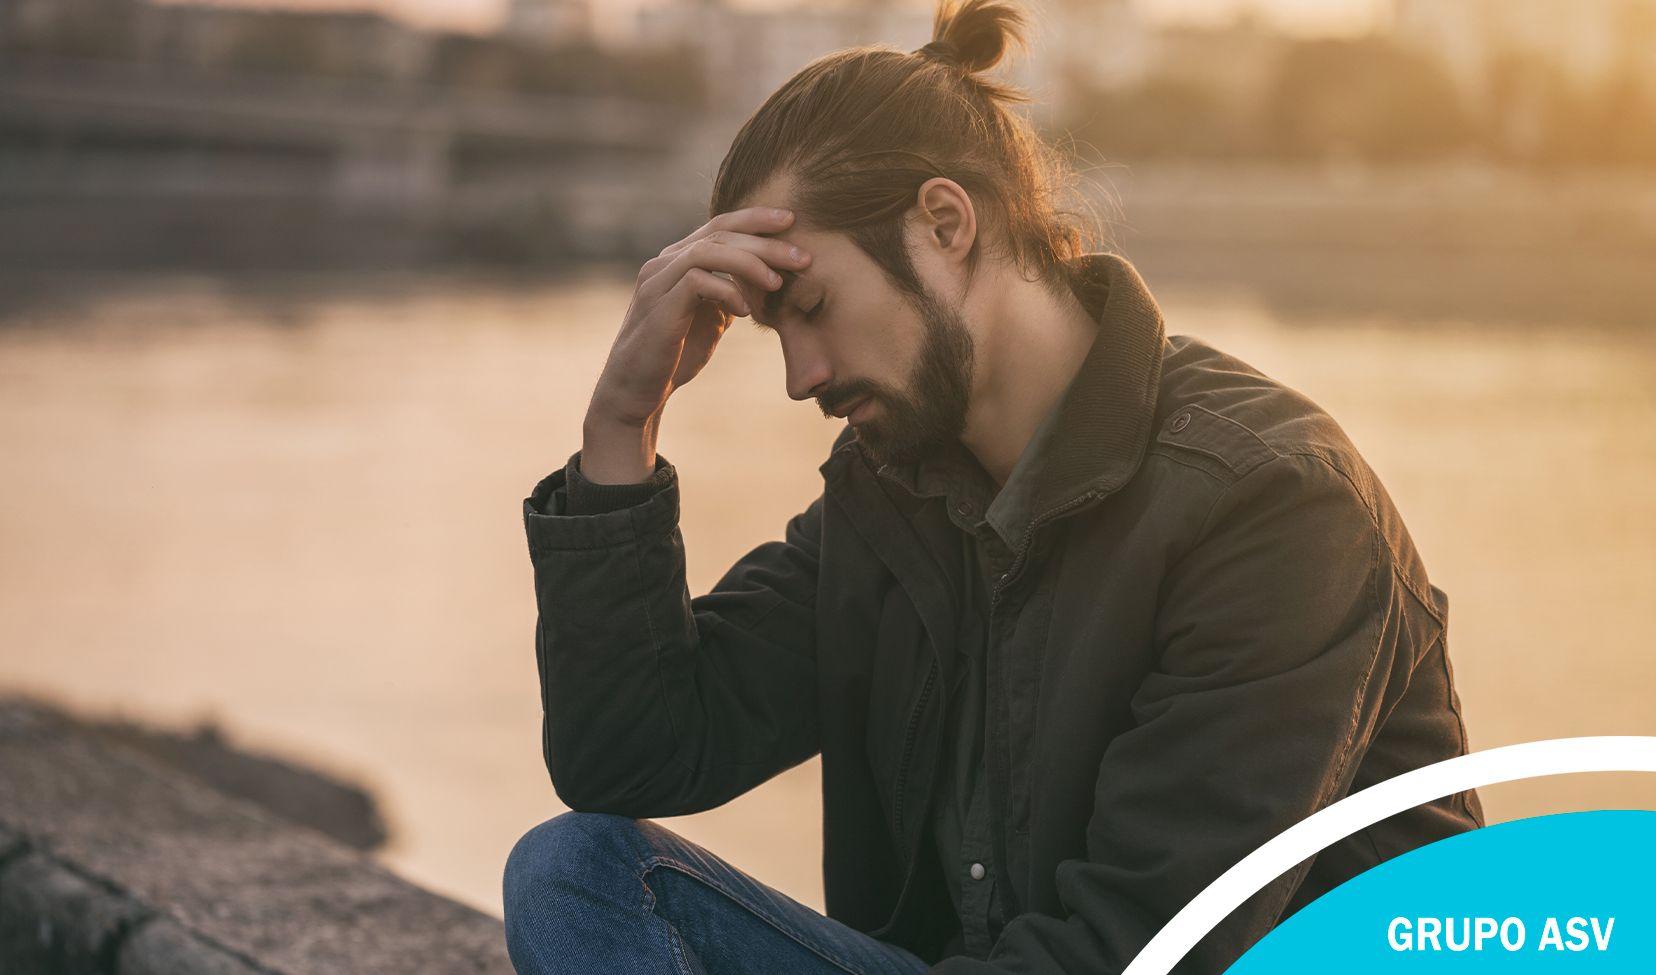 Emociones en el duelo: la culpa